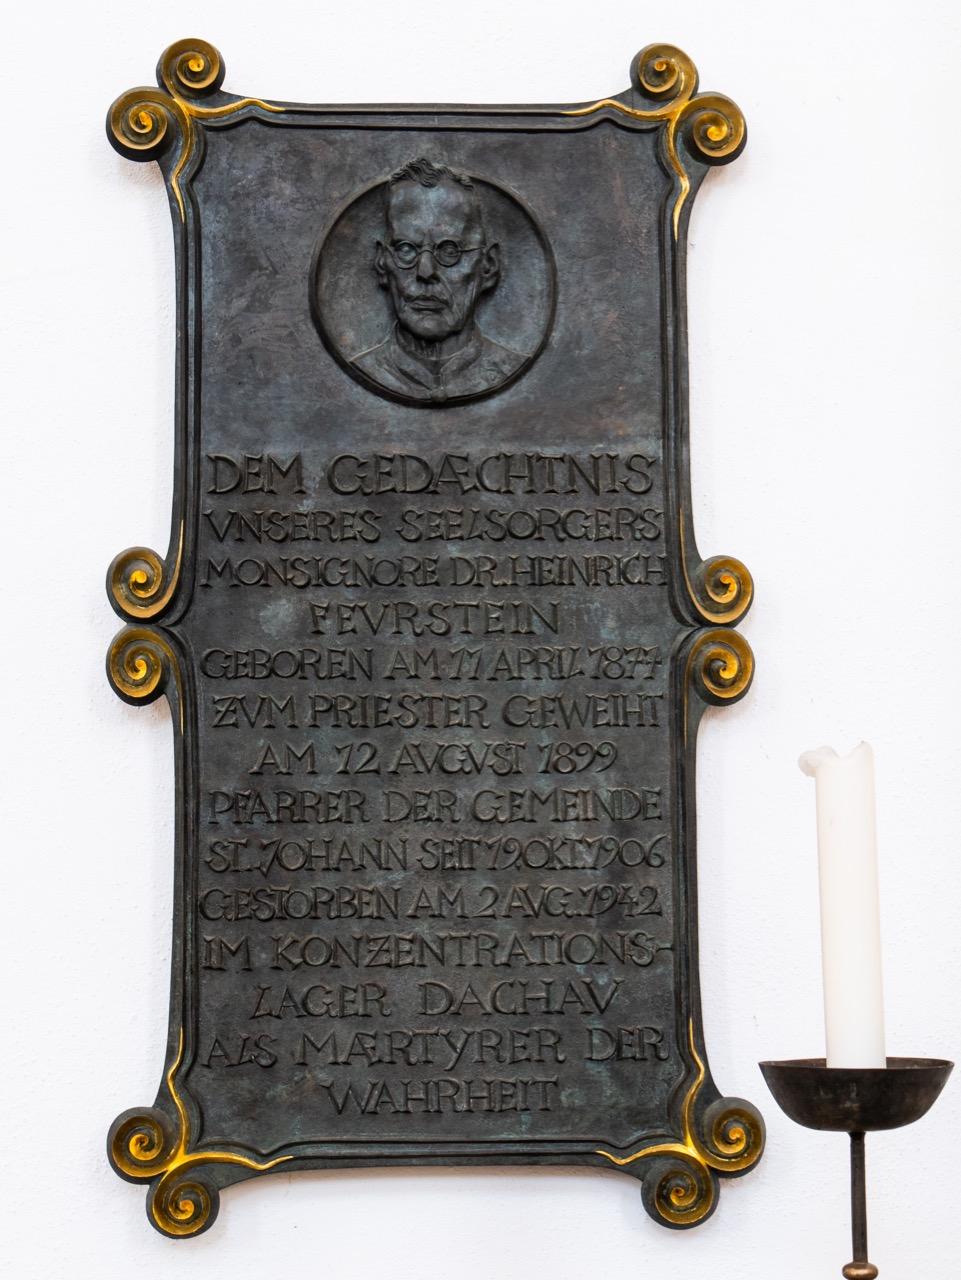 Gedenktafel für den 1942 im KZ ermordeten Pfarrer Heinrich Feurstein